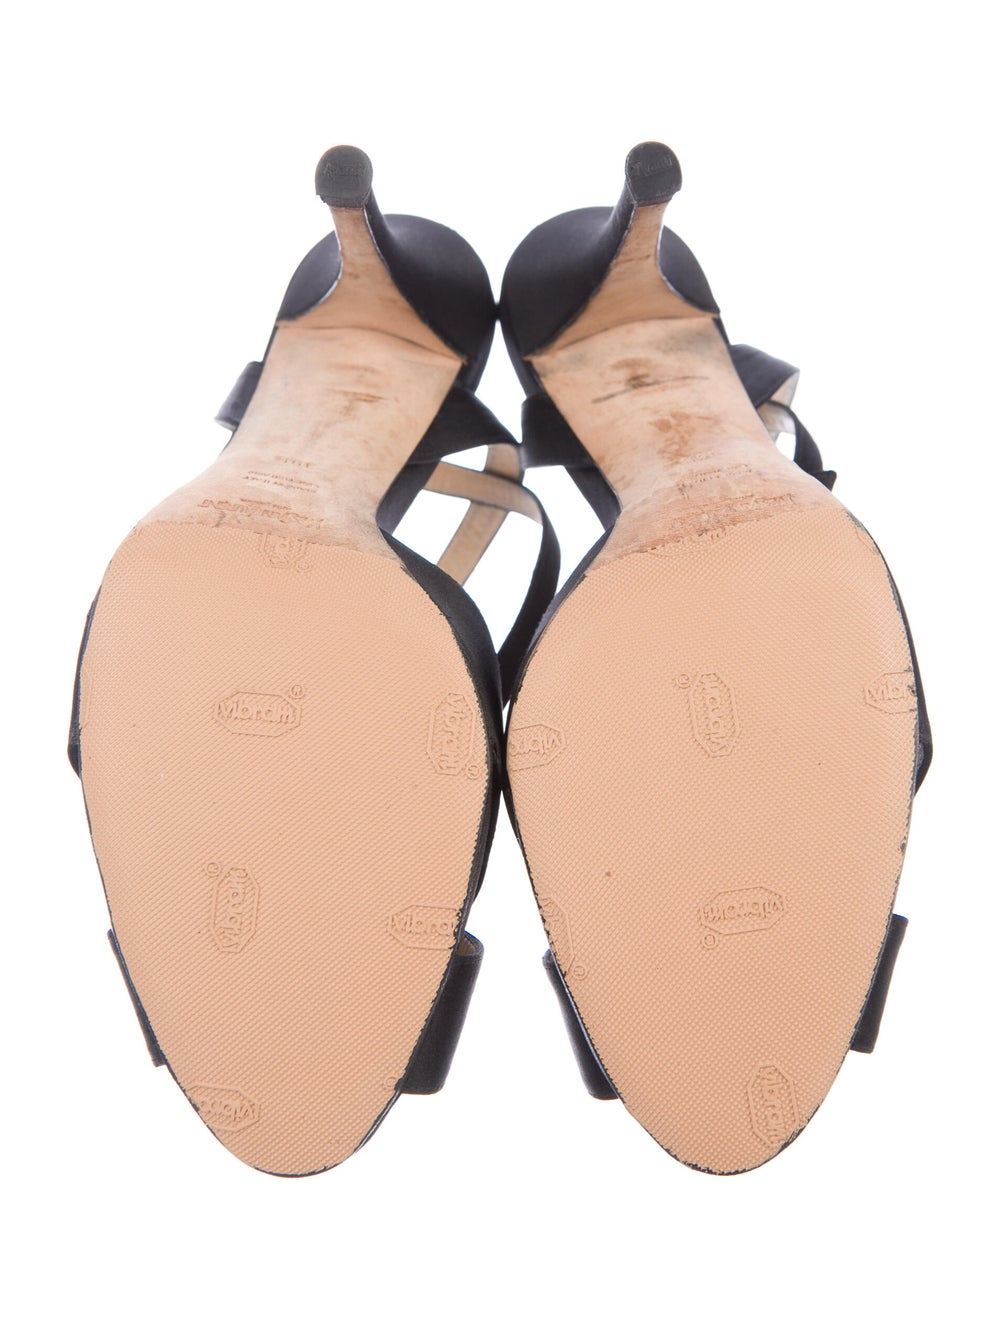 Yves Saint Laurent Rive Gauche Sandals Black - image 5